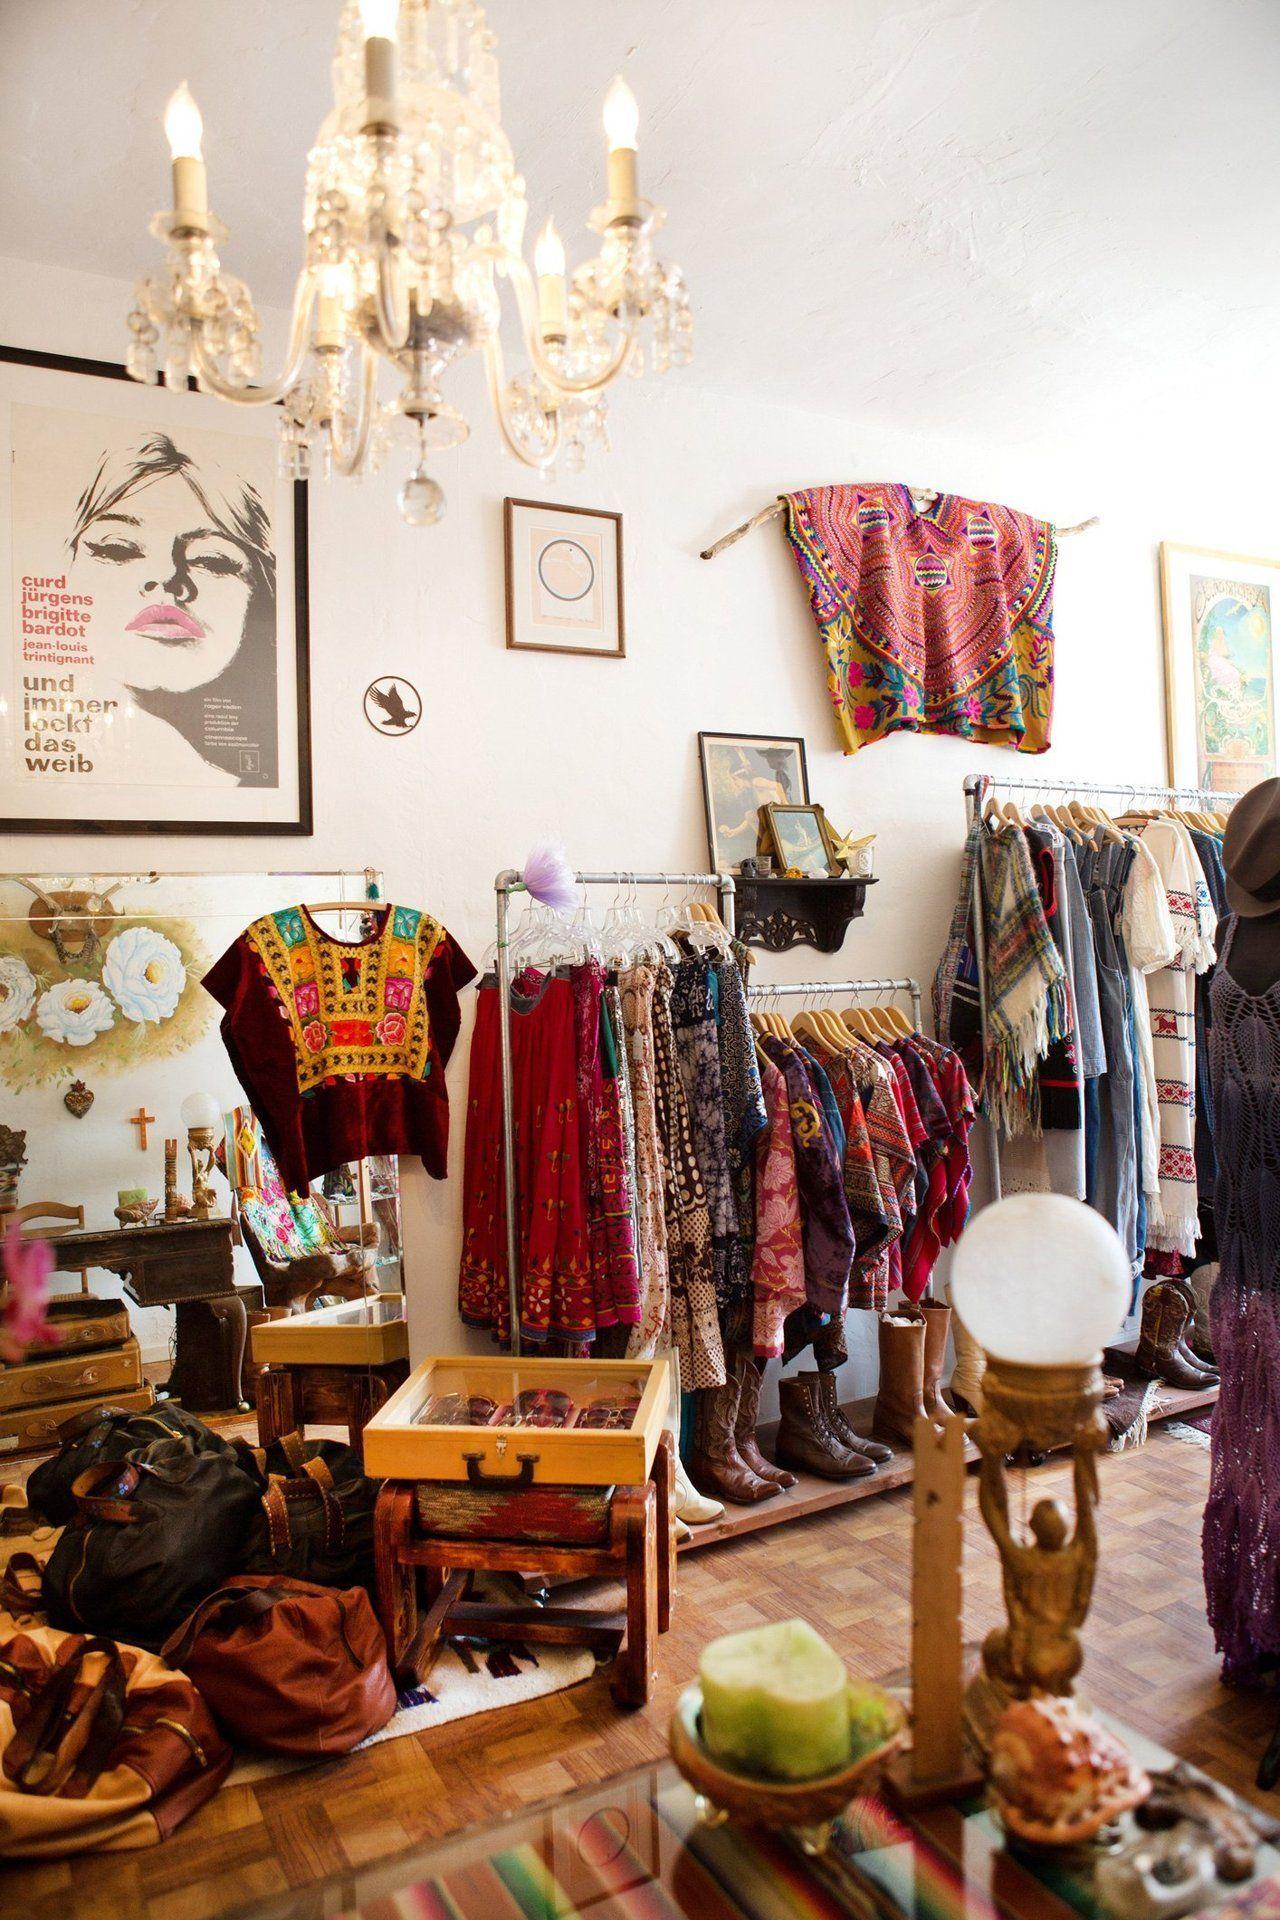 les 25 meilleures id es de la cat gorie boutique vintage sur pinterest int rieur boutique. Black Bedroom Furniture Sets. Home Design Ideas